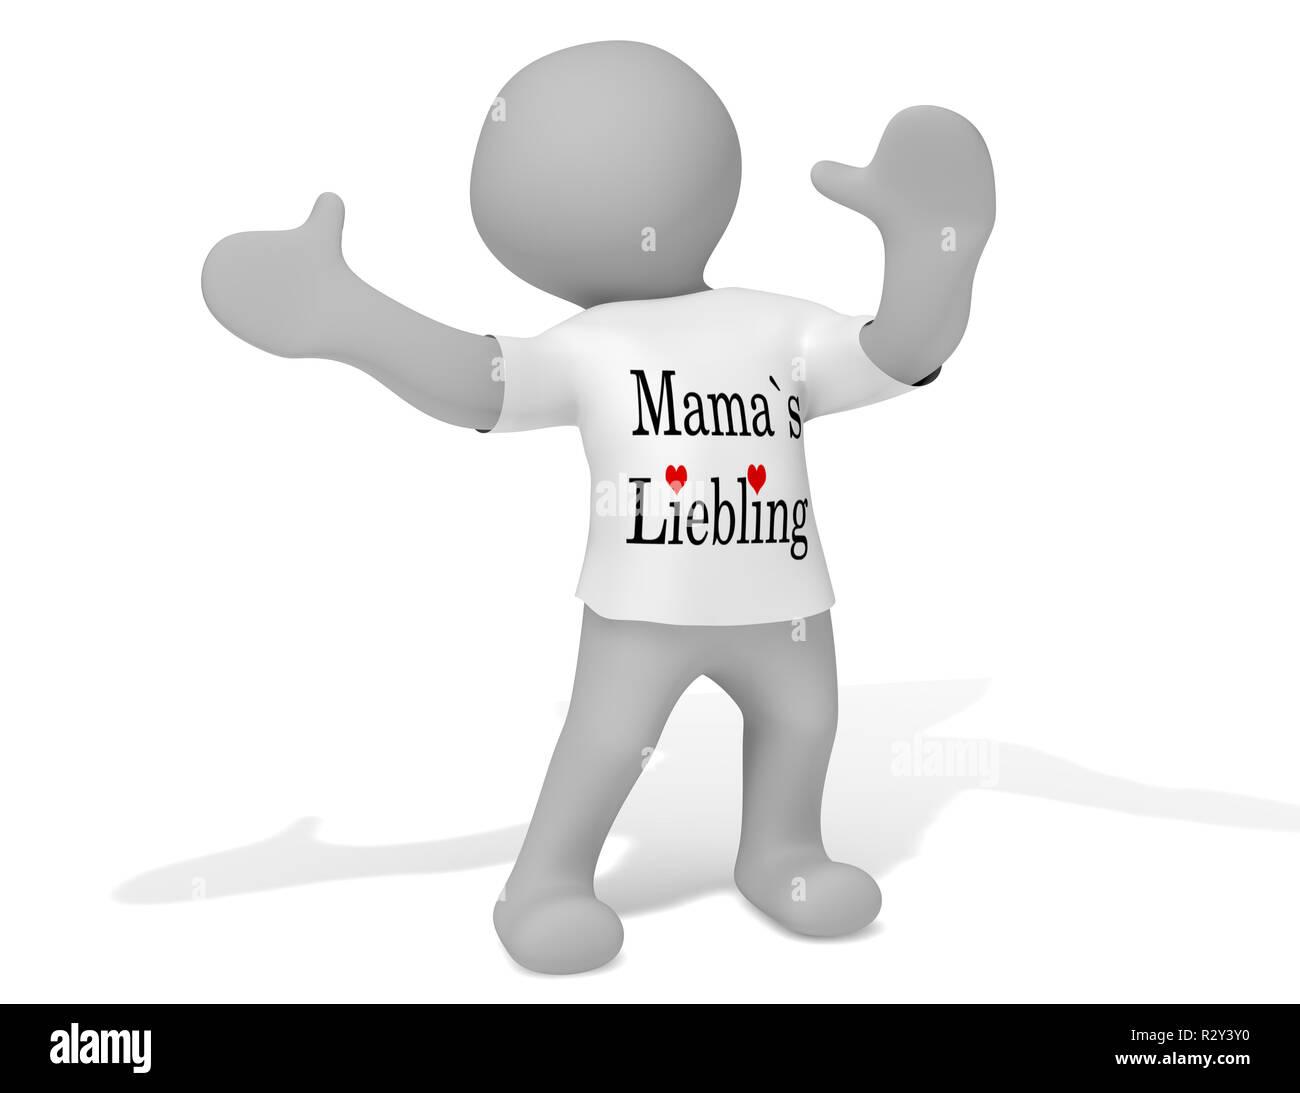 mamas favorite - Stock Image